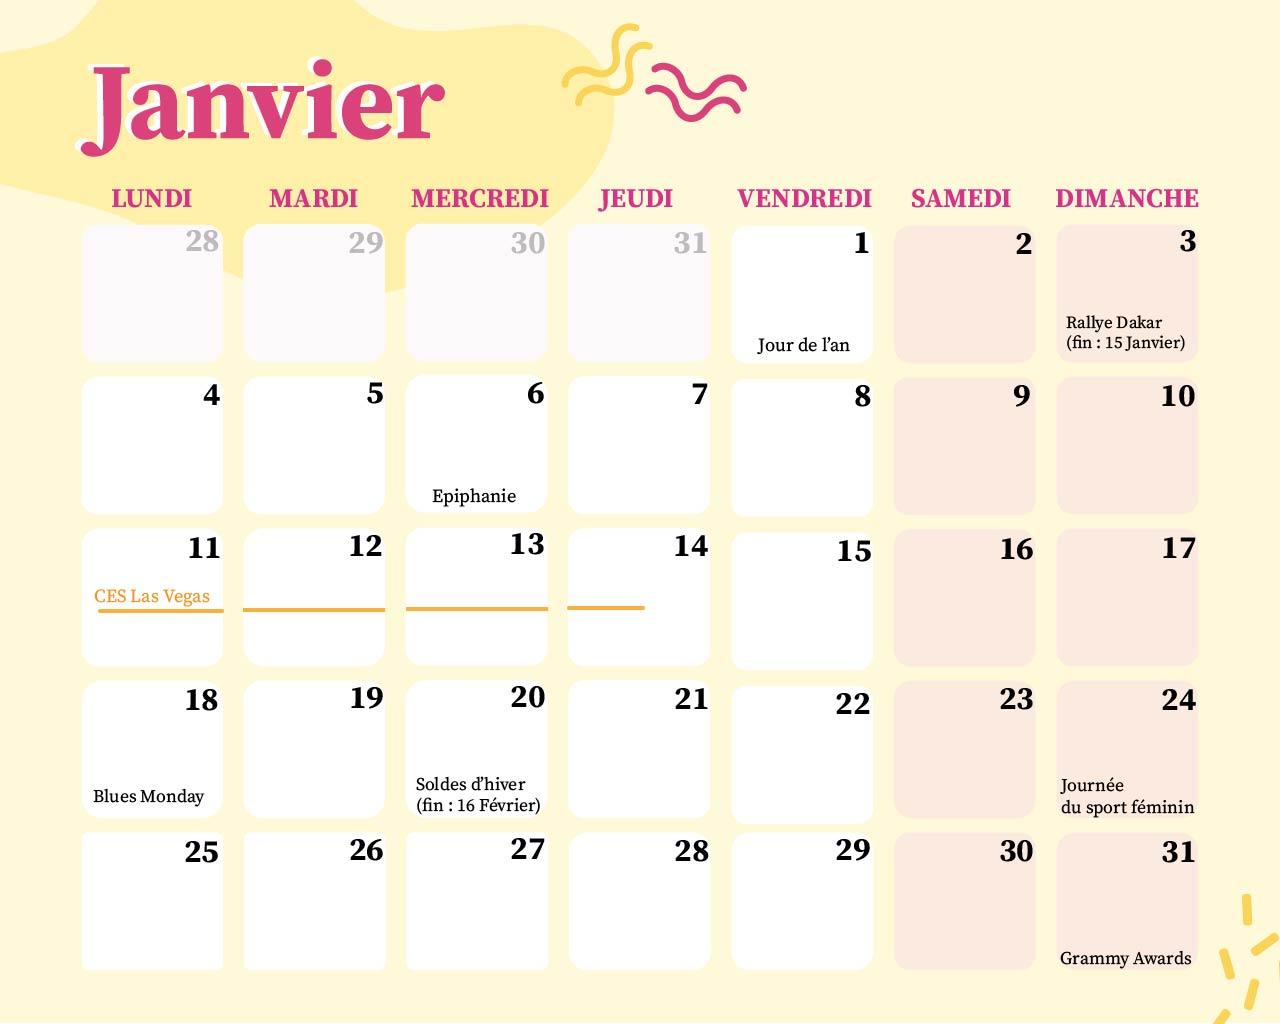 Calendrier Marronnier 2022 Marronnier 2021 : le calendrier des événements marketing   Influenzzz